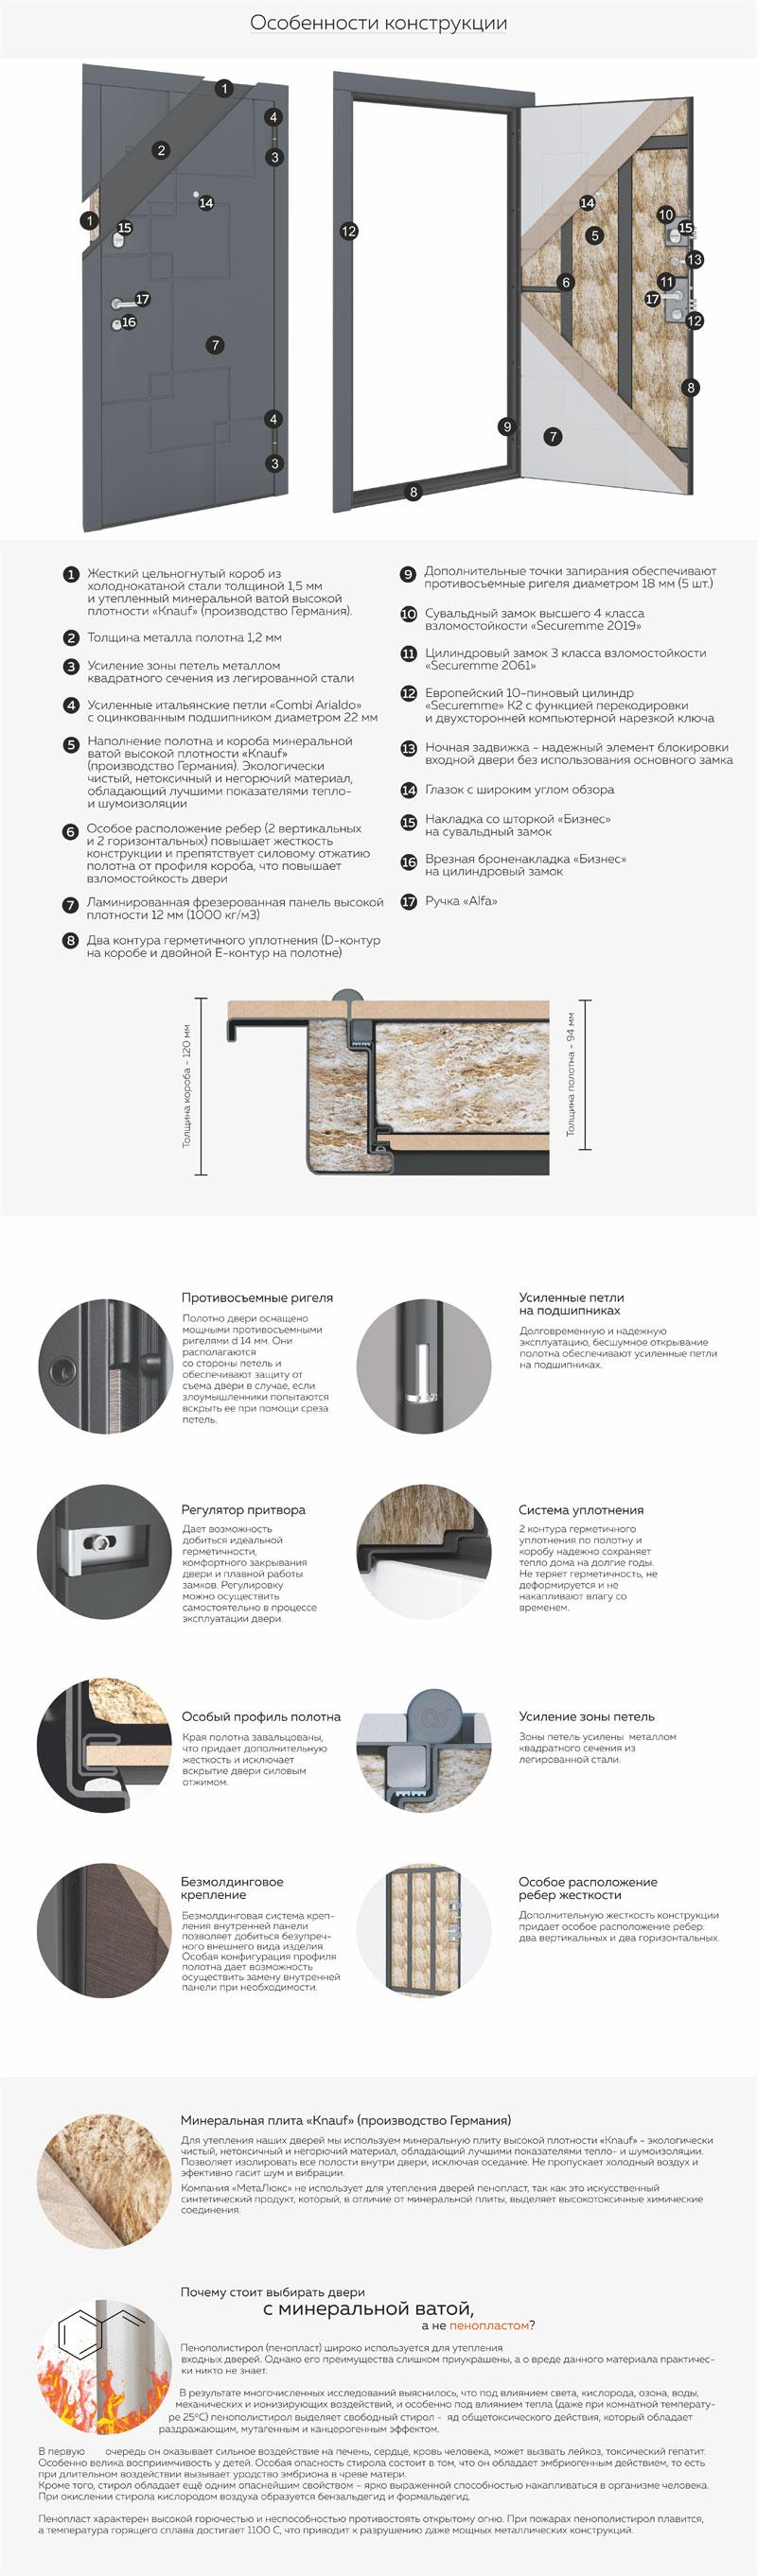 Компания-производитель стальных дверей «МетаЛюкс» является одной из крупнейших в Республике Беларусь. Производственная территория располагается на площади более 8000 квадратных метров и продолжает постоянно расширятся. Большие инвестиции компании в оснащение производства современным высокотехнологичным оборудованием позволяют выпускать продукцию высокого качества, предлагая потребителям ассортимент более 100 наименований входных дверей.  Модельный ряд «МетаЛюкс» представлен пятью коллекциями: Статус, Элит, Триумф, Тренд, Стандарт. Каждая коллекция имеет свои специфические особенности и отличительные черты, такие как надежность, безопасность, назначение и внешний вид.  Двери придутся по вкусу, как и ценителям роскоши, так и людям, которым важно владеть качественным изделием с простым и лаконичным дизайном.  Начальным этапом изготовления двери является получение качественной заготовки. Для этого участок металлообработки оснащен координатно-пробивным прессом с программным управлением, который позволяет получать заготовки из плоского листа любой сложности с идеальной геометрией, 100%- повторяемостью и точностью позиционирования пробивки до 0,01мм. Далее заготовка проходит несколько производственных этапов гибки, профилирования и/или объемной штамповки,  в которых задействовано оборудование от лучших мировых производителей из Италии, Германии, Польши и России.  Для соединения элементы будущих  дверей поступают на сварочный участок, где детали свариваются в полуавтоматическом режиме. На ряду с этим, на производстве используется уникальная установка контактной точечной сварки, которая обеспечивает не только высокую скорость и повышенную жесткость дверных полотен, но и позволяет добиться эффекта «эстетической сварки», таким образом отпадает необходимость «зачистки» сварных швов. Программное управление позволяет подобрать особые режимы сварки для различных по толщине соединяемых деталей.  Процесс окраски осуществляется в автоматическом режиме на новейшей линии нанесения поли